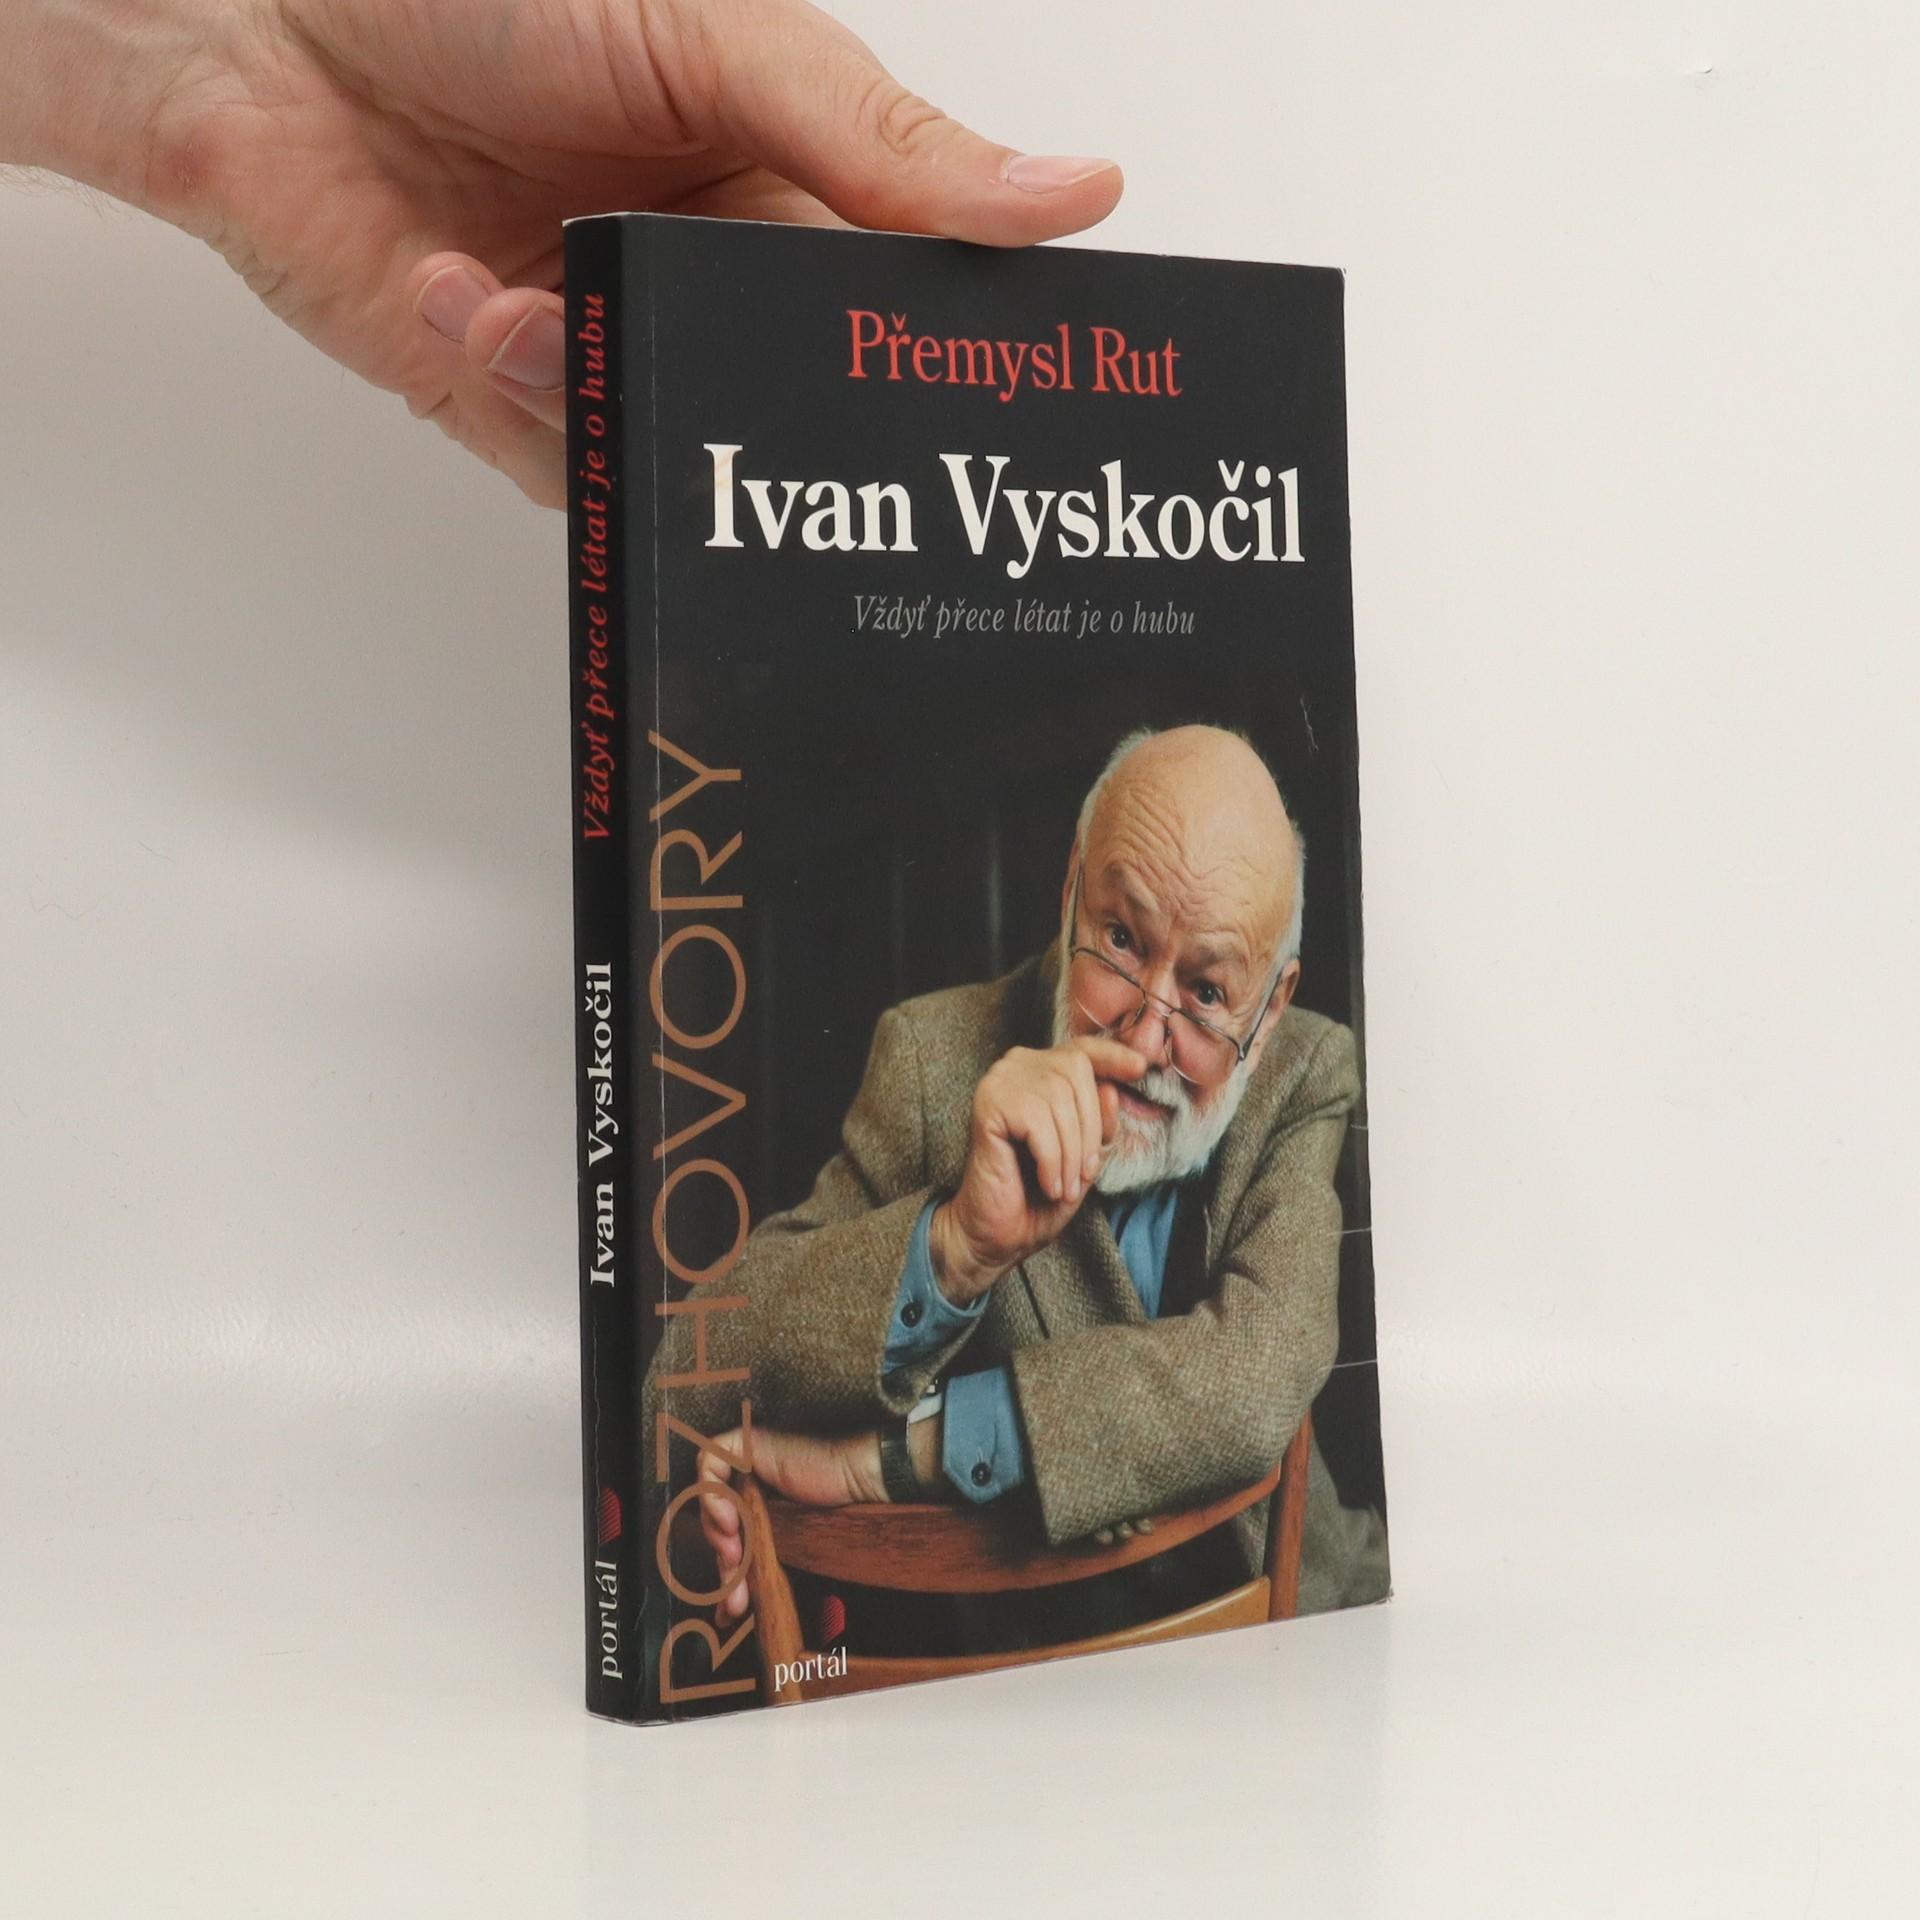 antikvární kniha Ivan Vyskočil : vždyť přece létat je o hubu, 2000